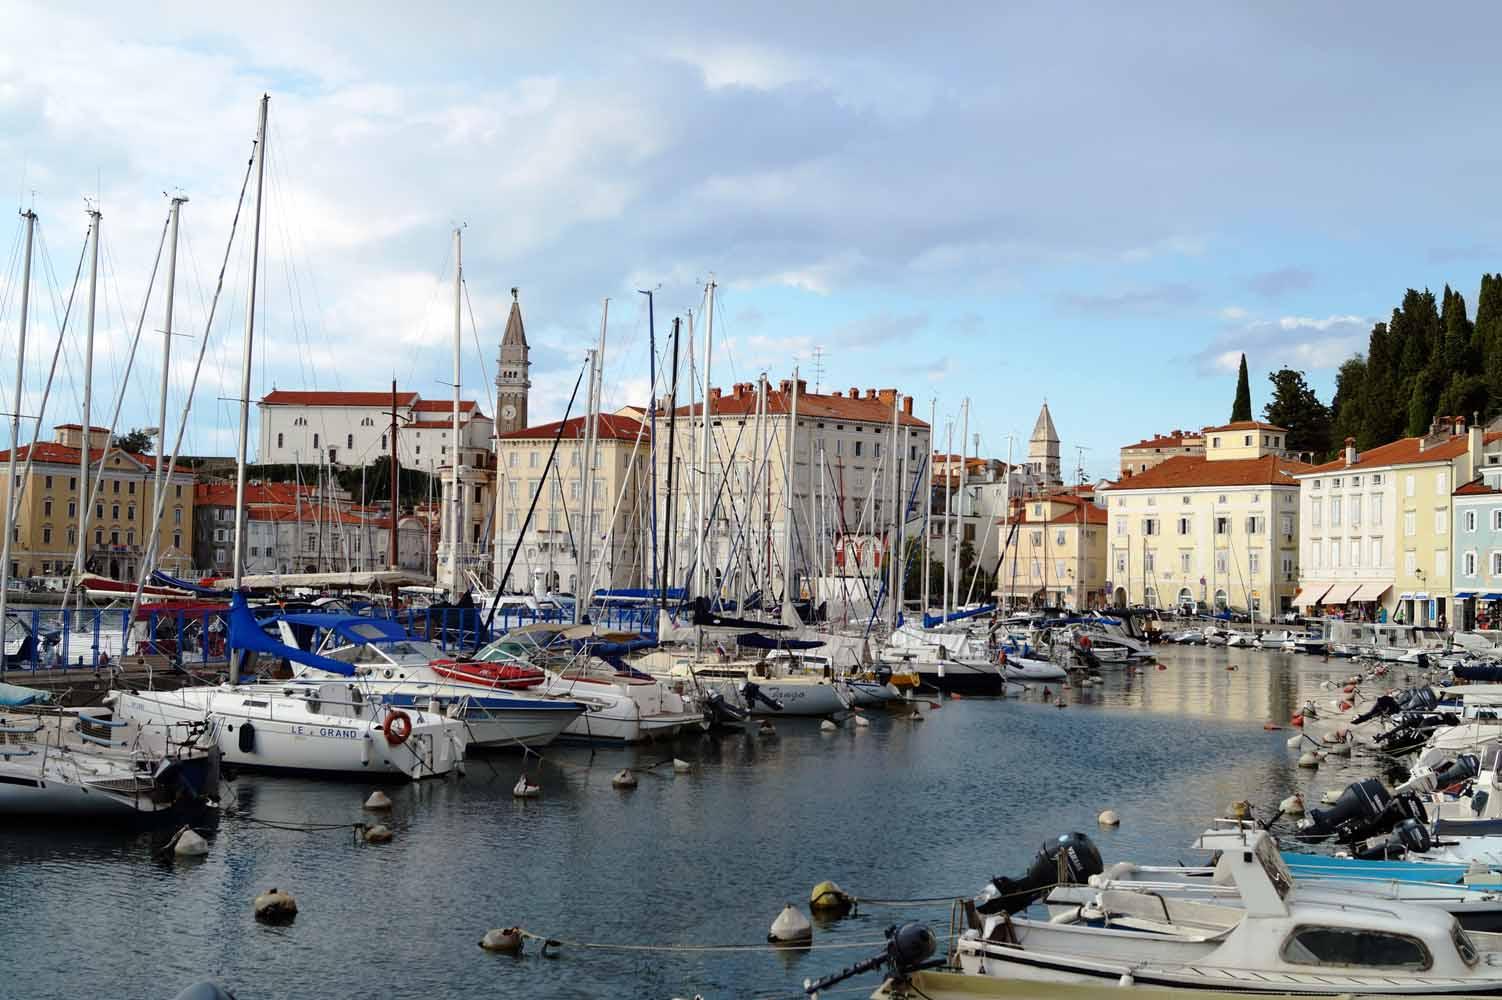 Sehenswürdigkeit Slowenien - Piran